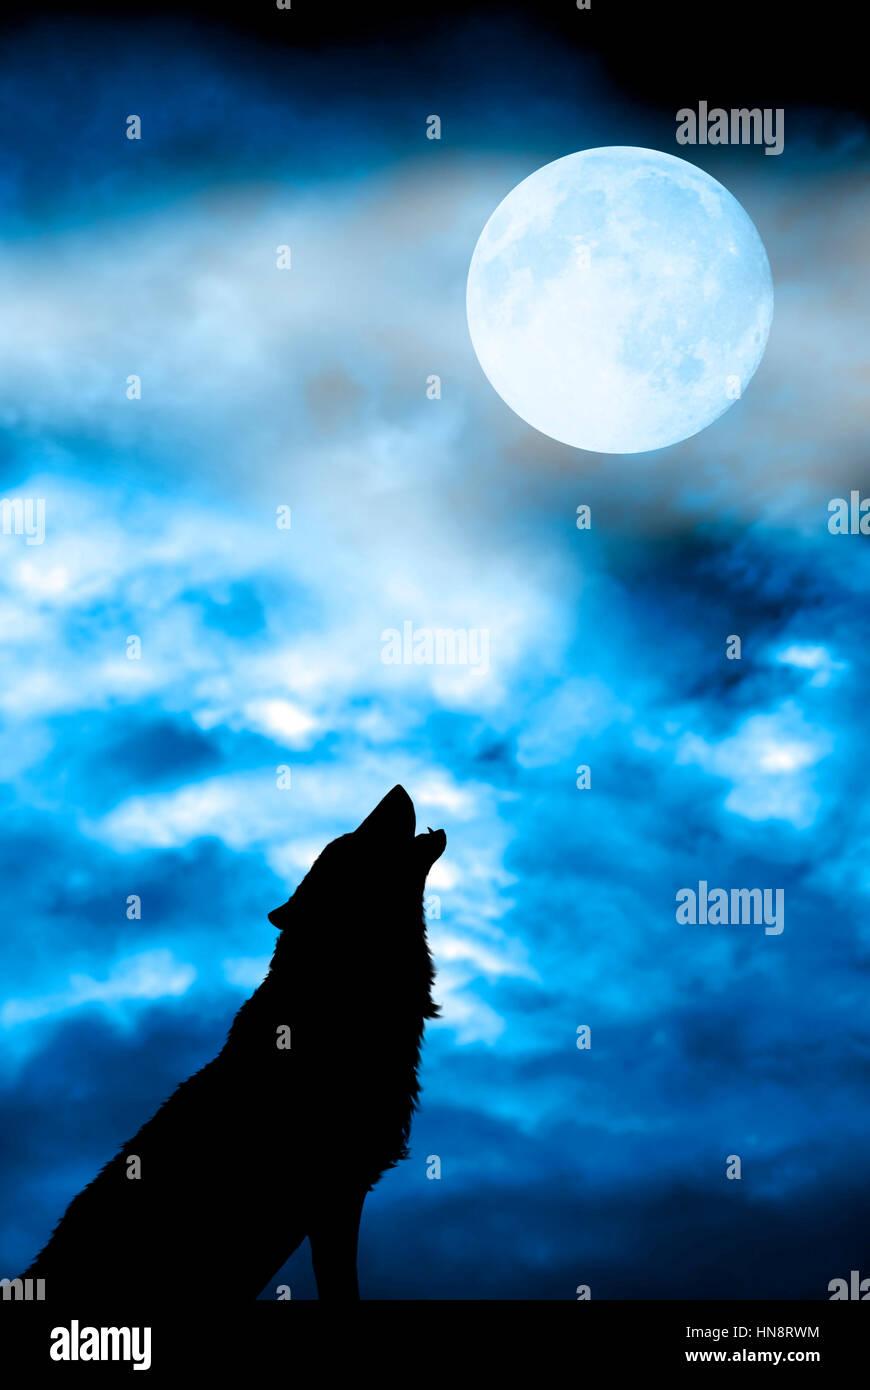 En Silueta Lobo Aullando A La Luna Llena Foto Imagen De Stock